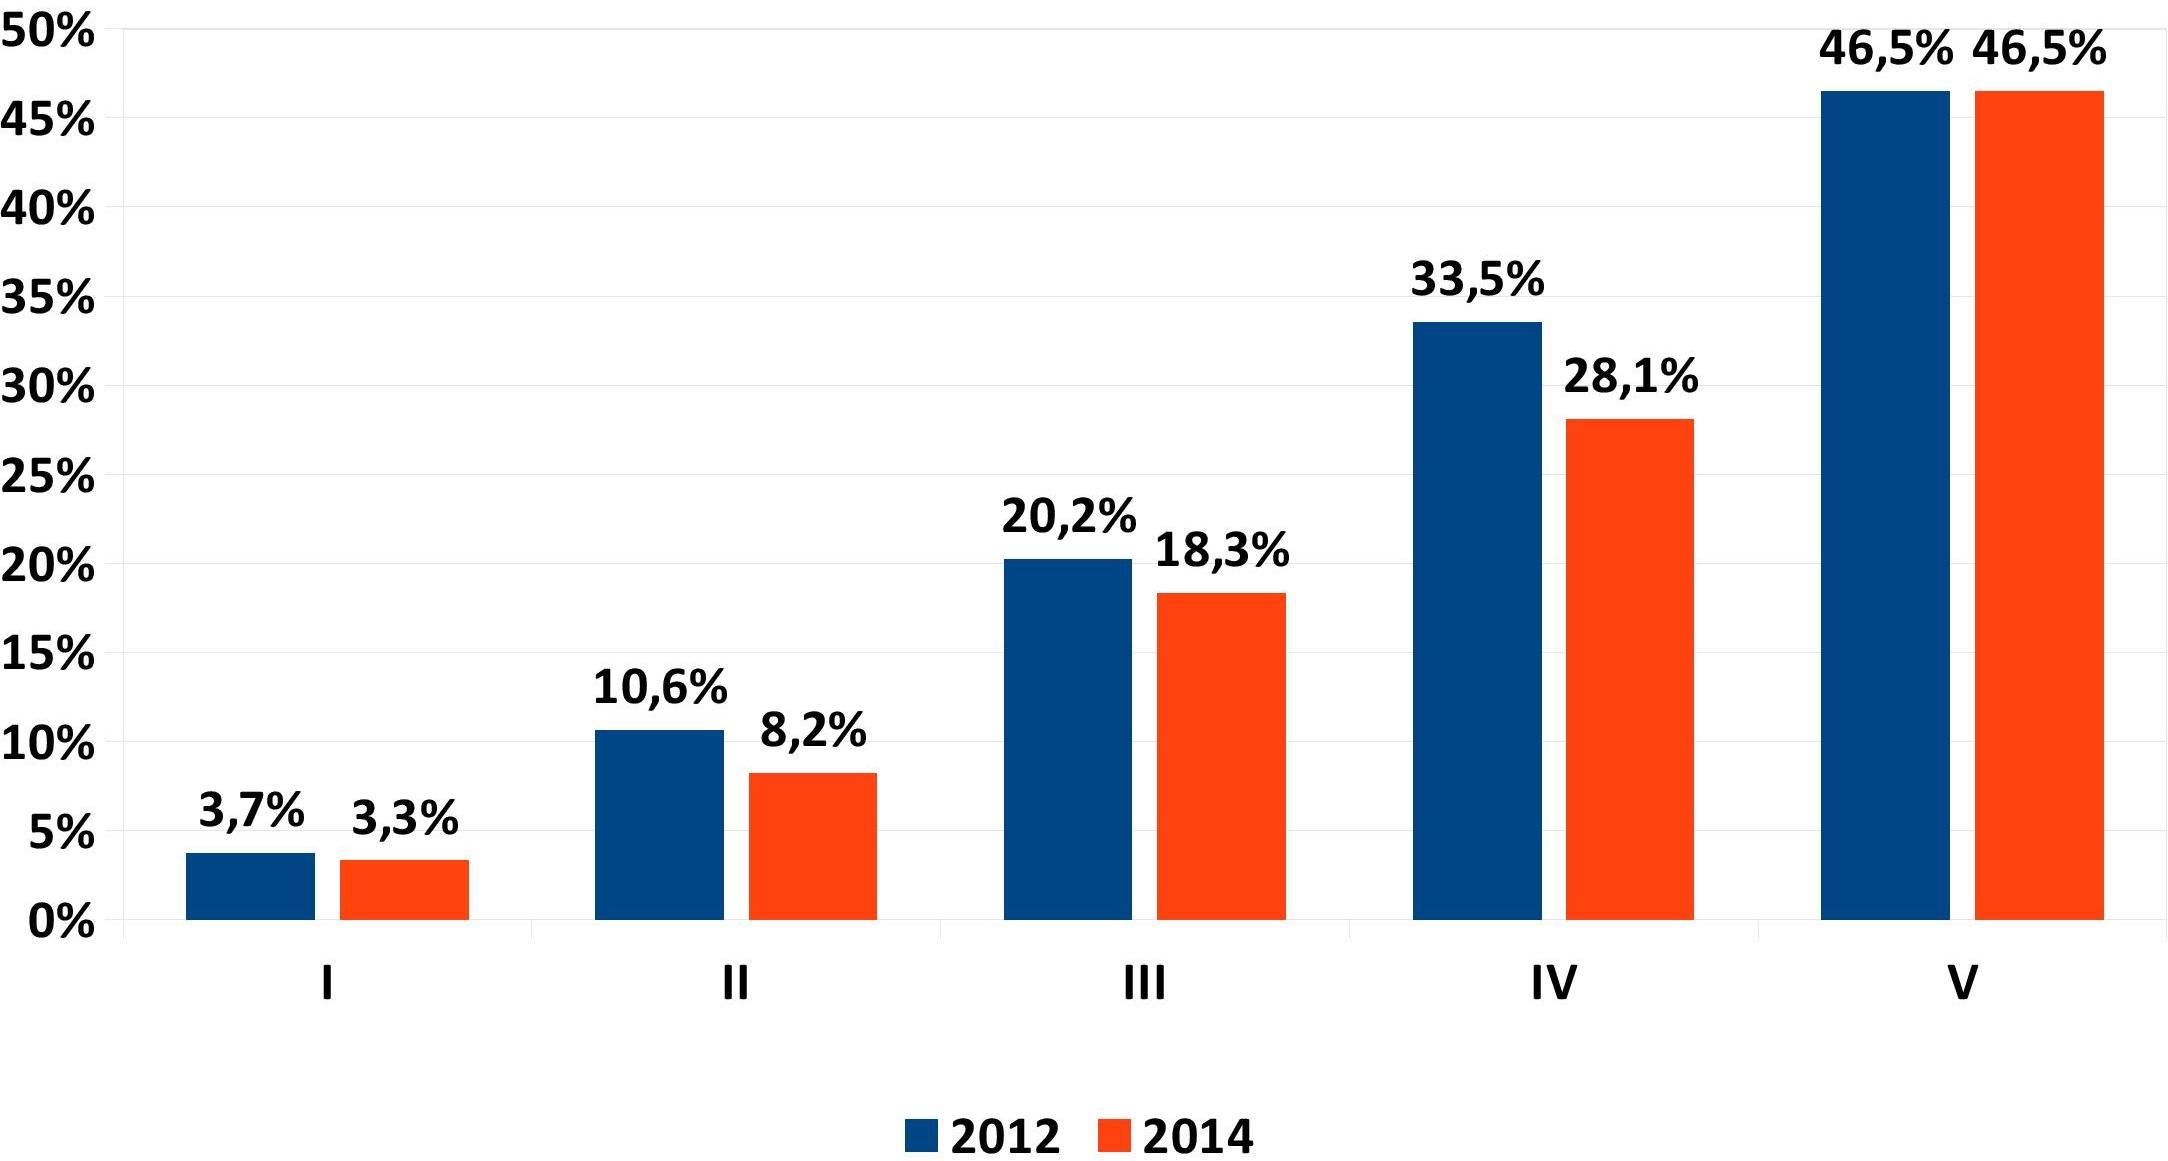 ANIA Trends febbraio 2016 - Diffusione polizze danni - Quintile di reddito IMC